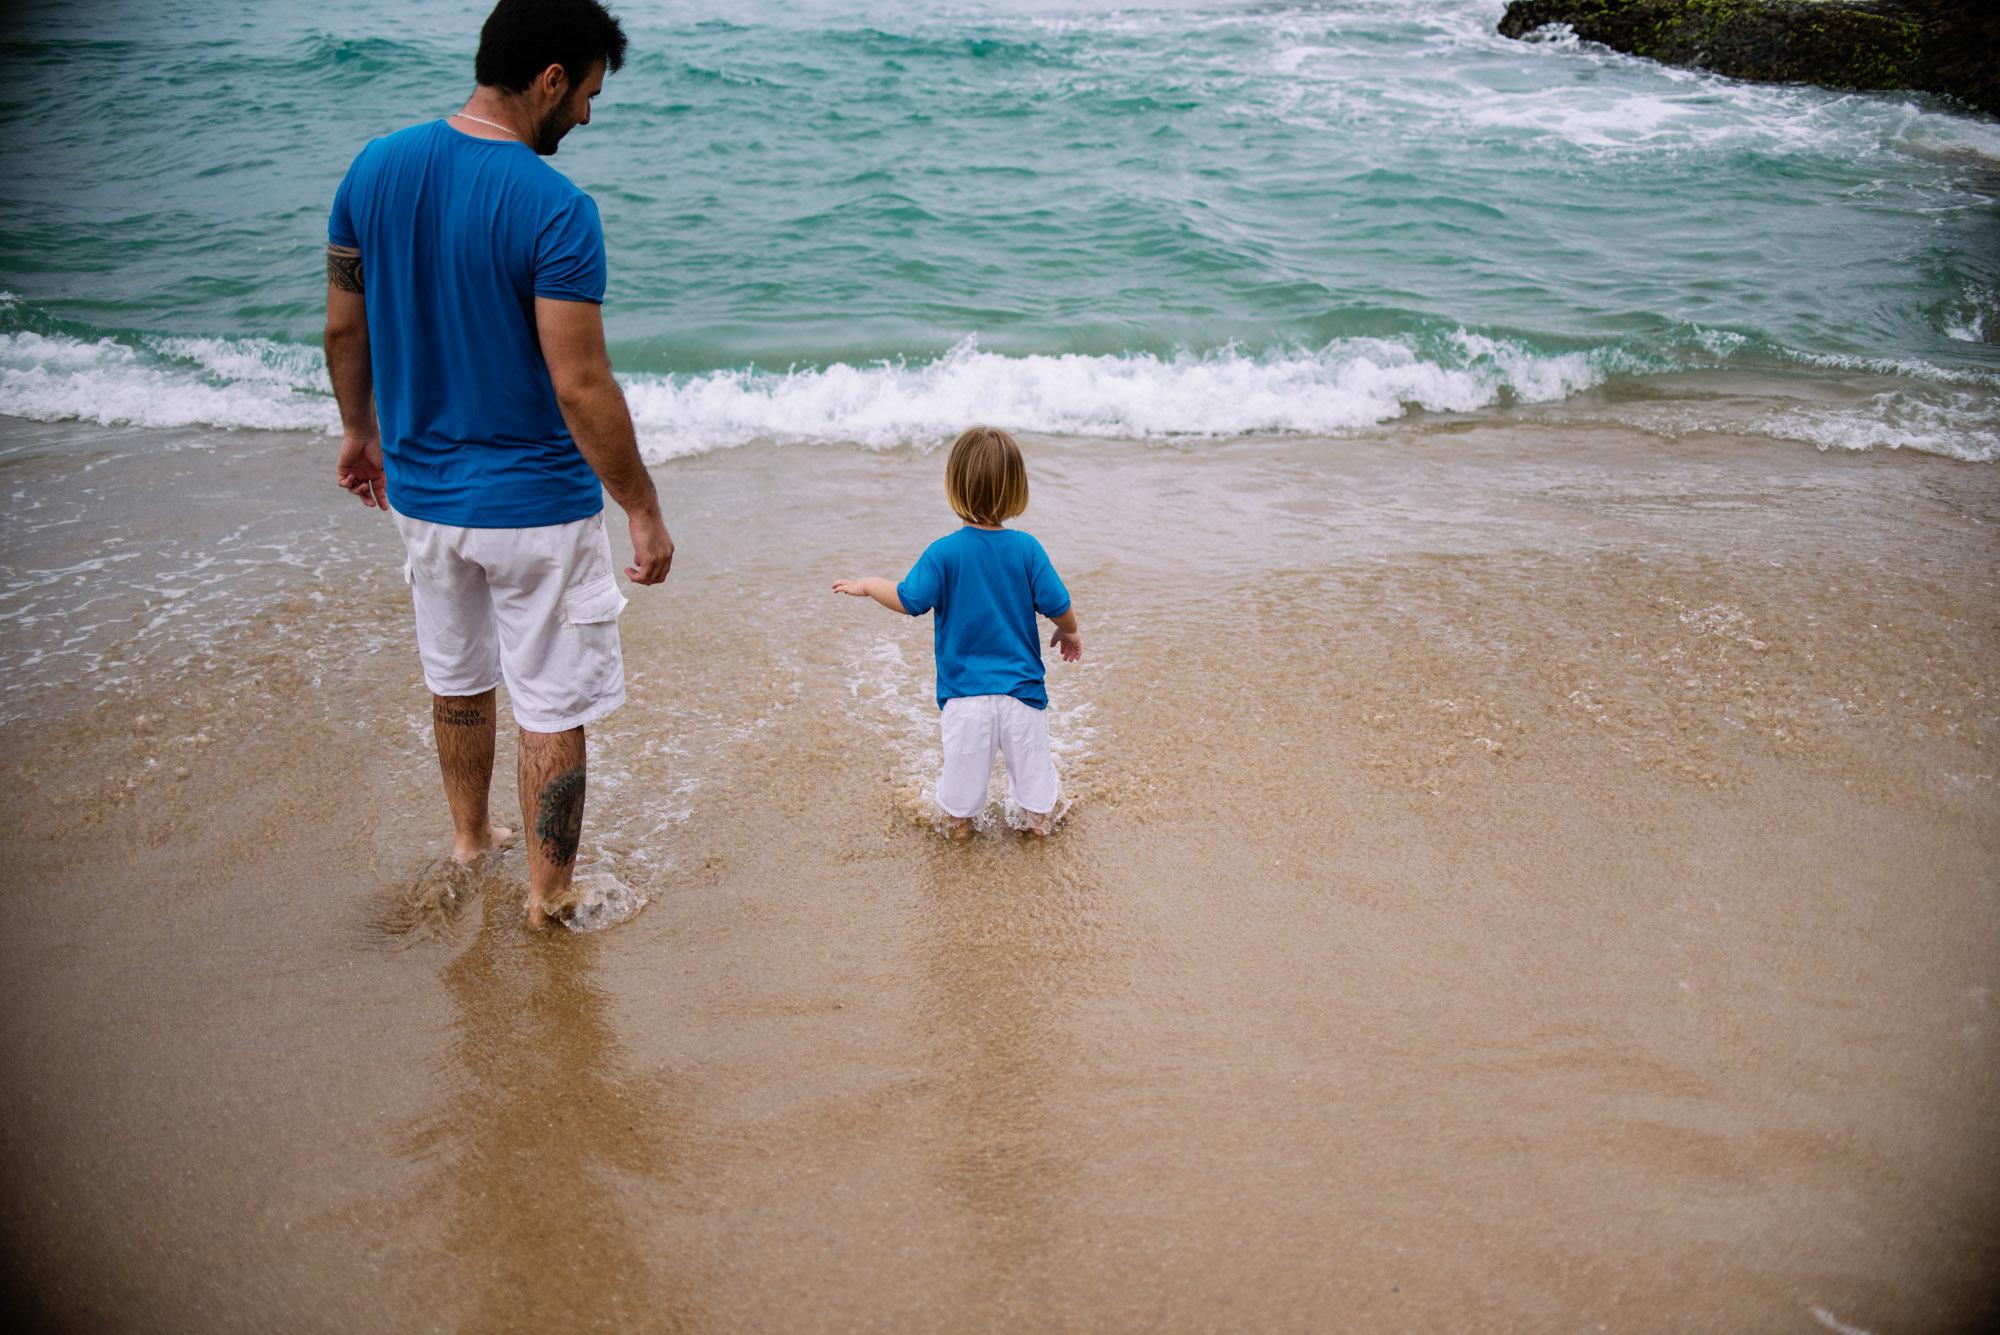 se divertindo na praia